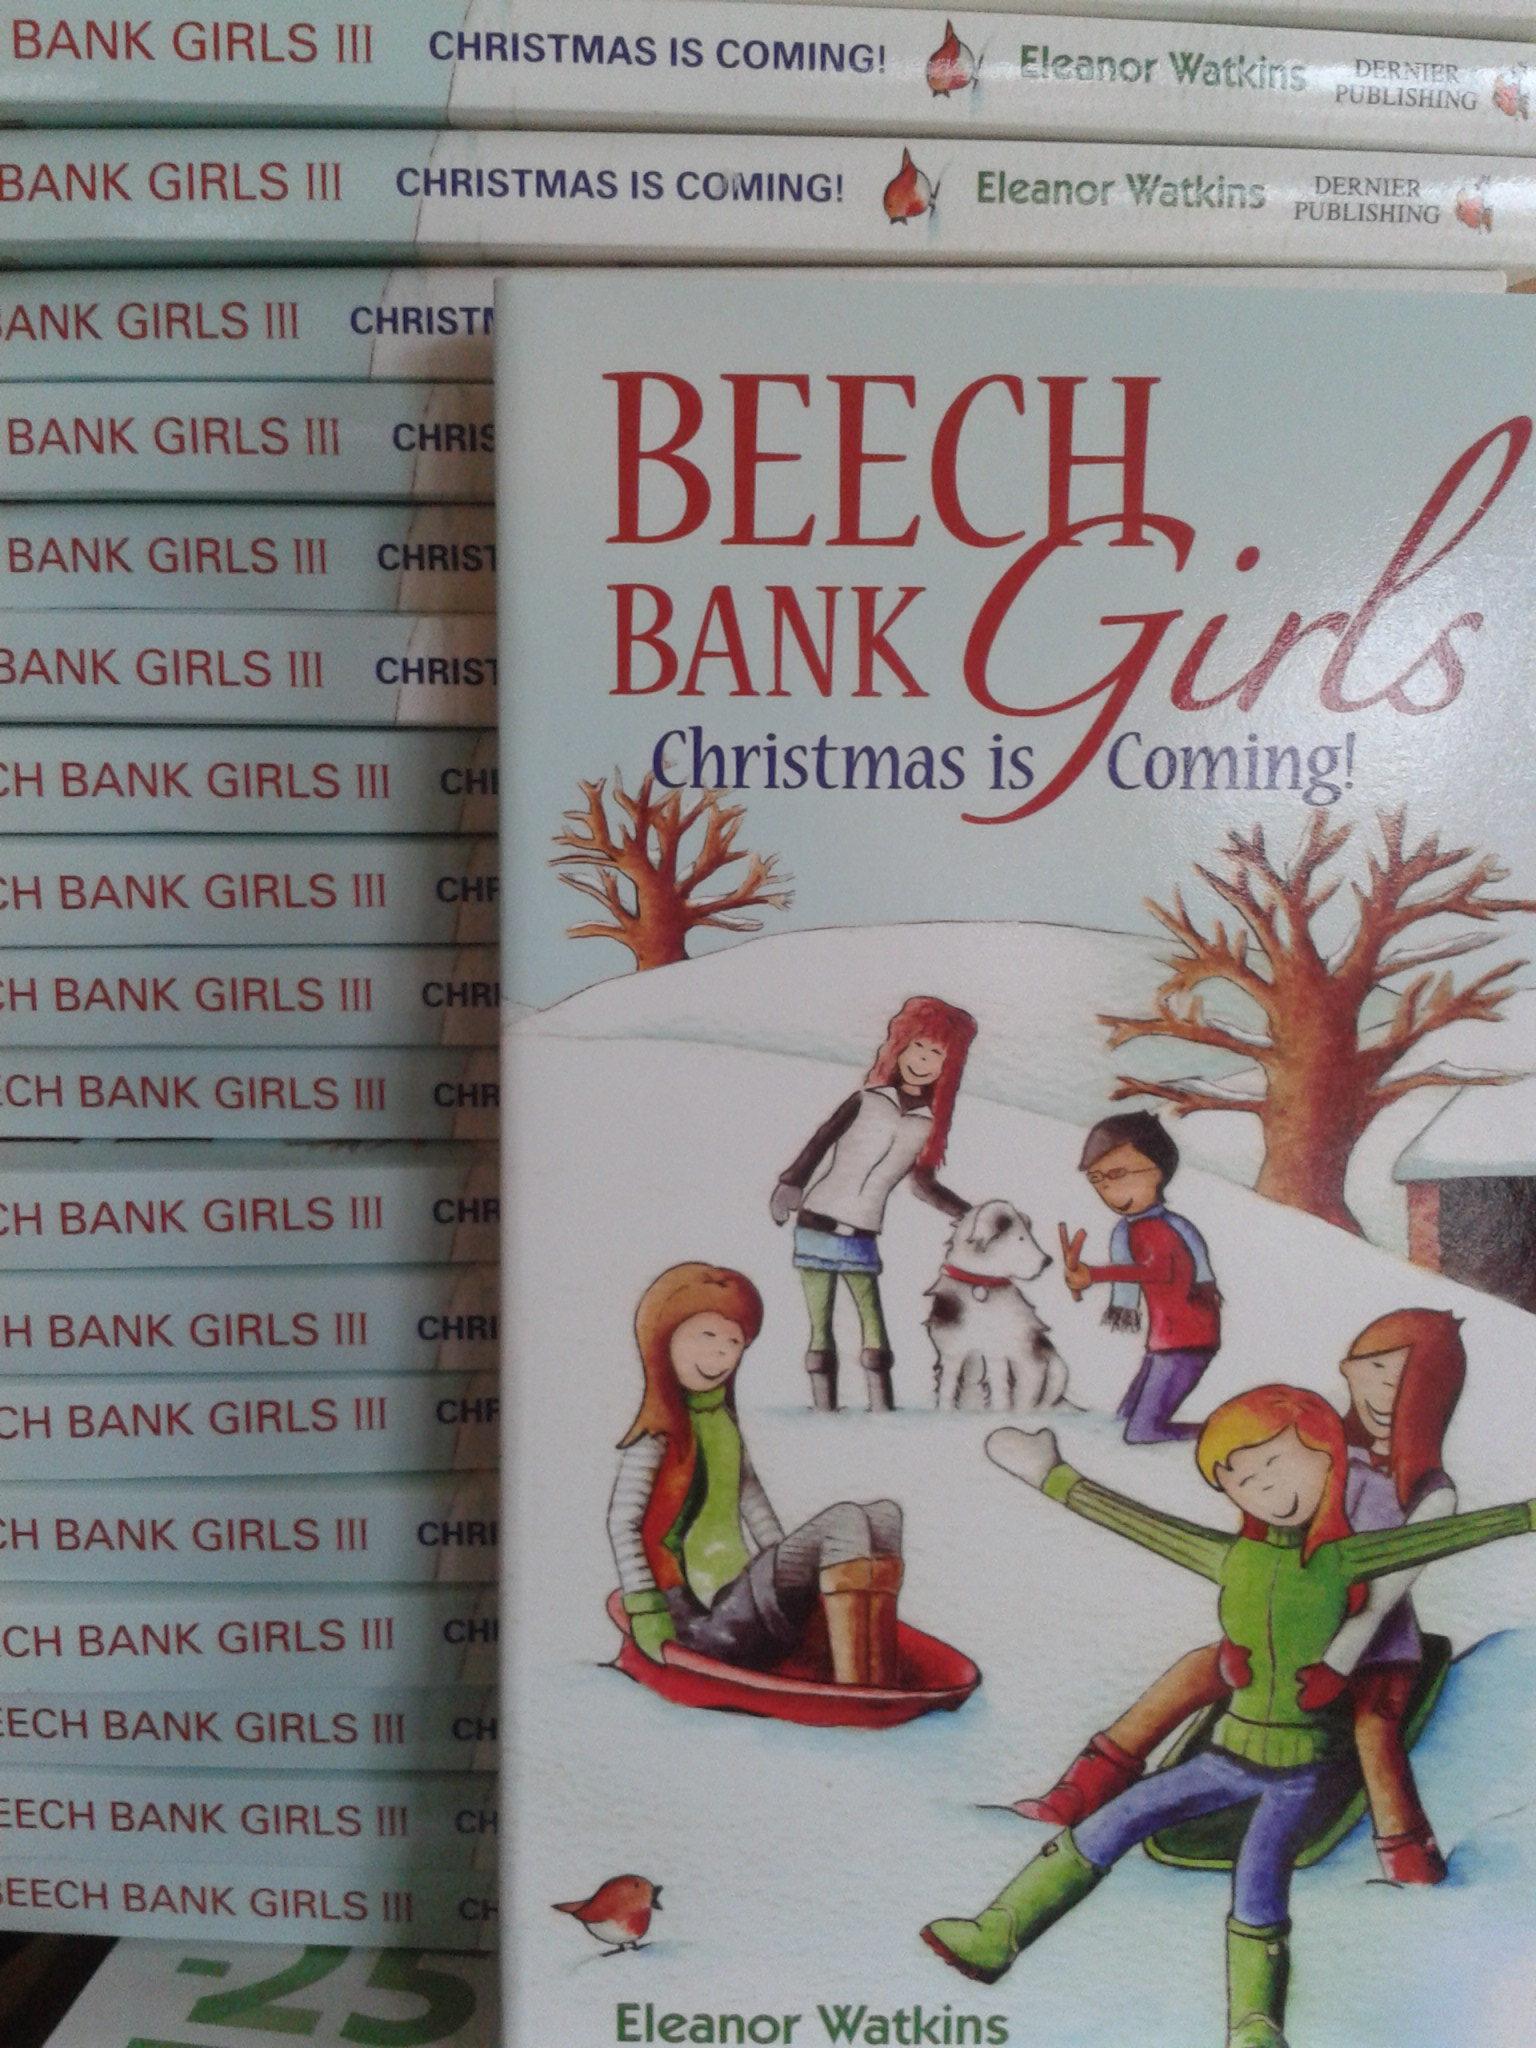 christian books for children dernier publishing